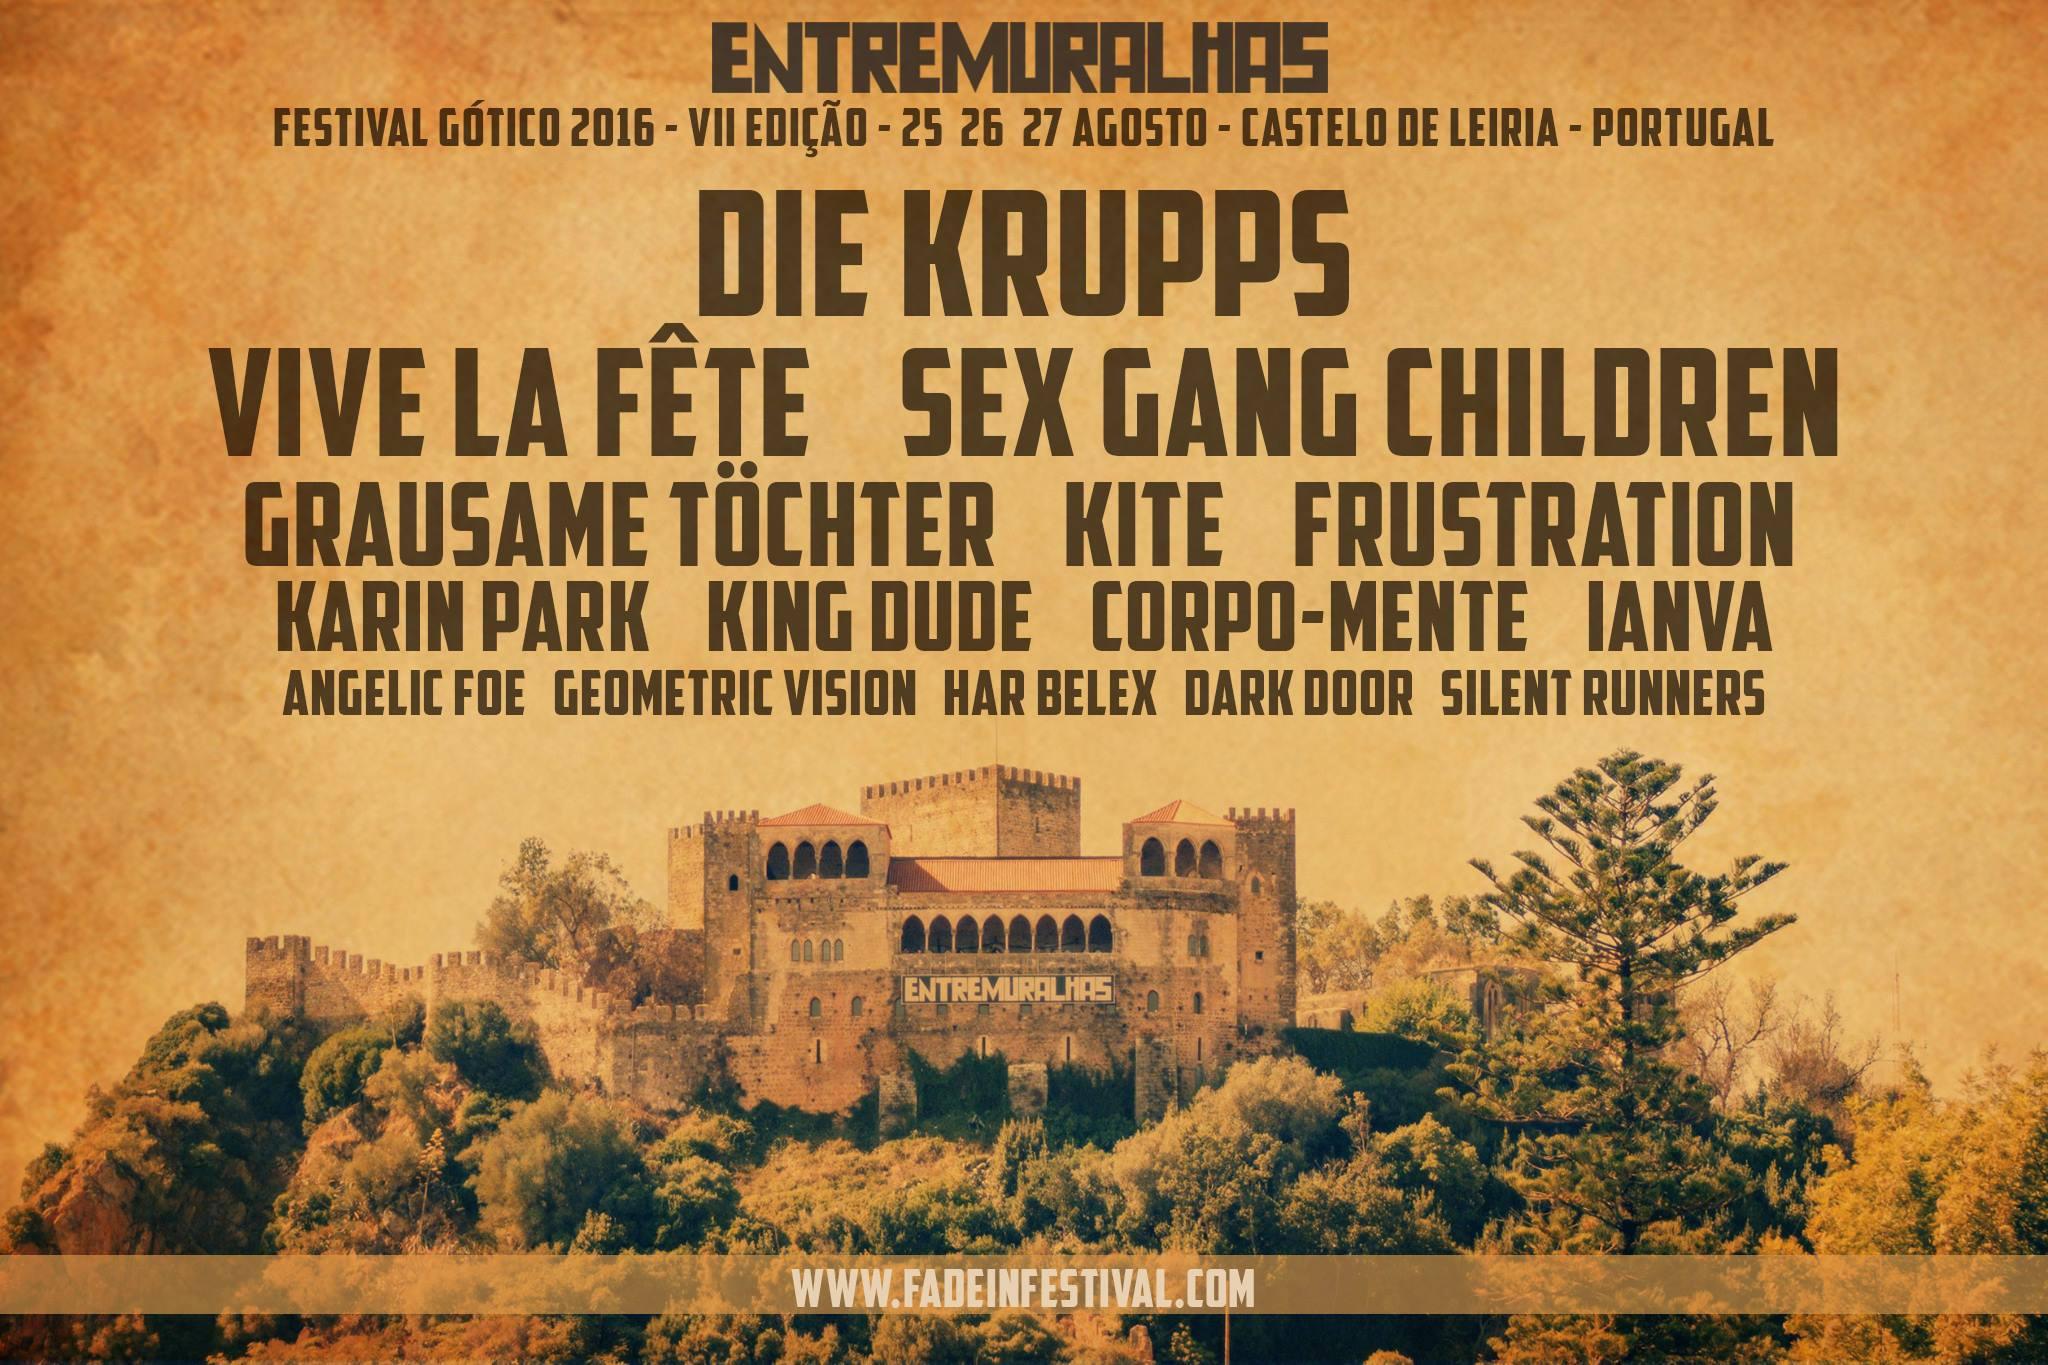 Entremuralhas festival